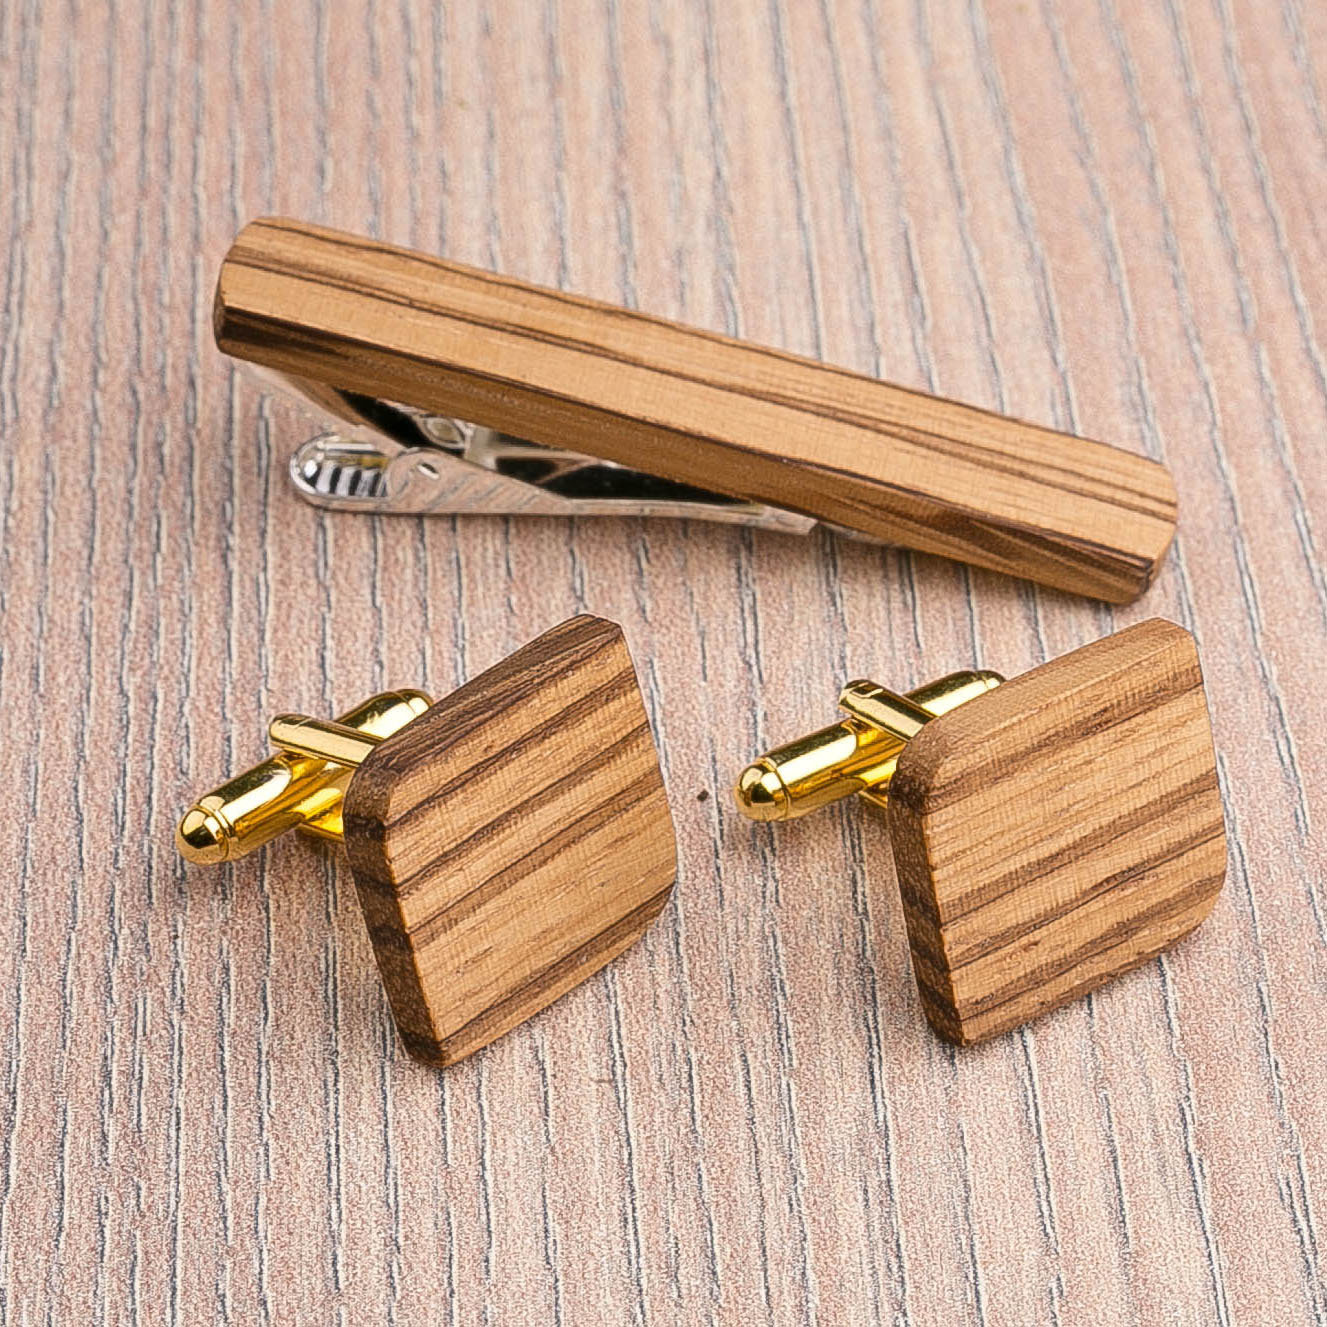 Комплект: Скругленные запонки из дерева и Деревянный зажим для галстука. Массив зебрано. Гравировка инициалов. Упаковка в комплекте CufflinksSet-RndSquareZebranoH